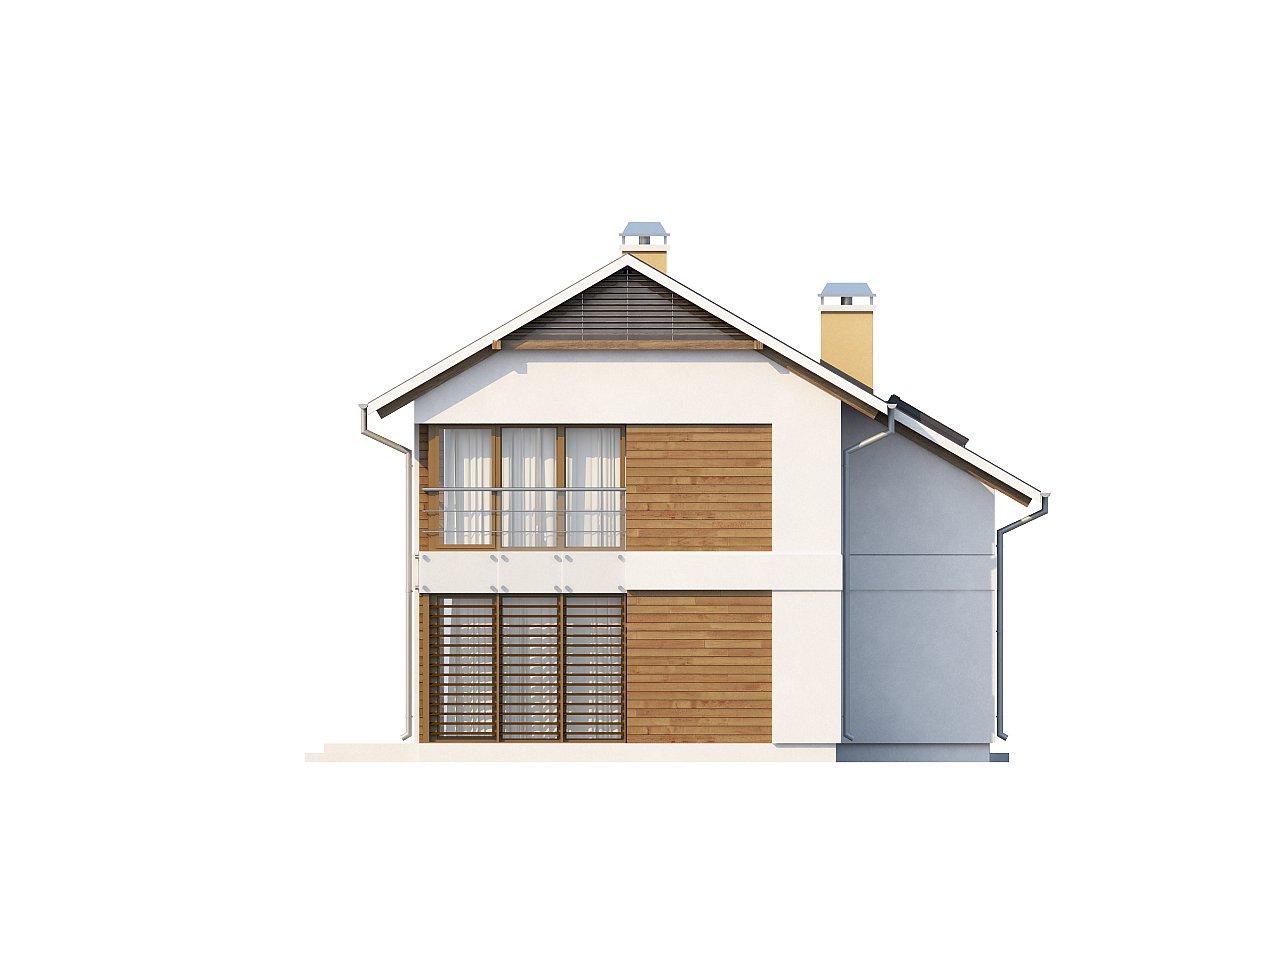 Компактный двухэтажный дом с большими окнами, подходящий для узкого участка. 4